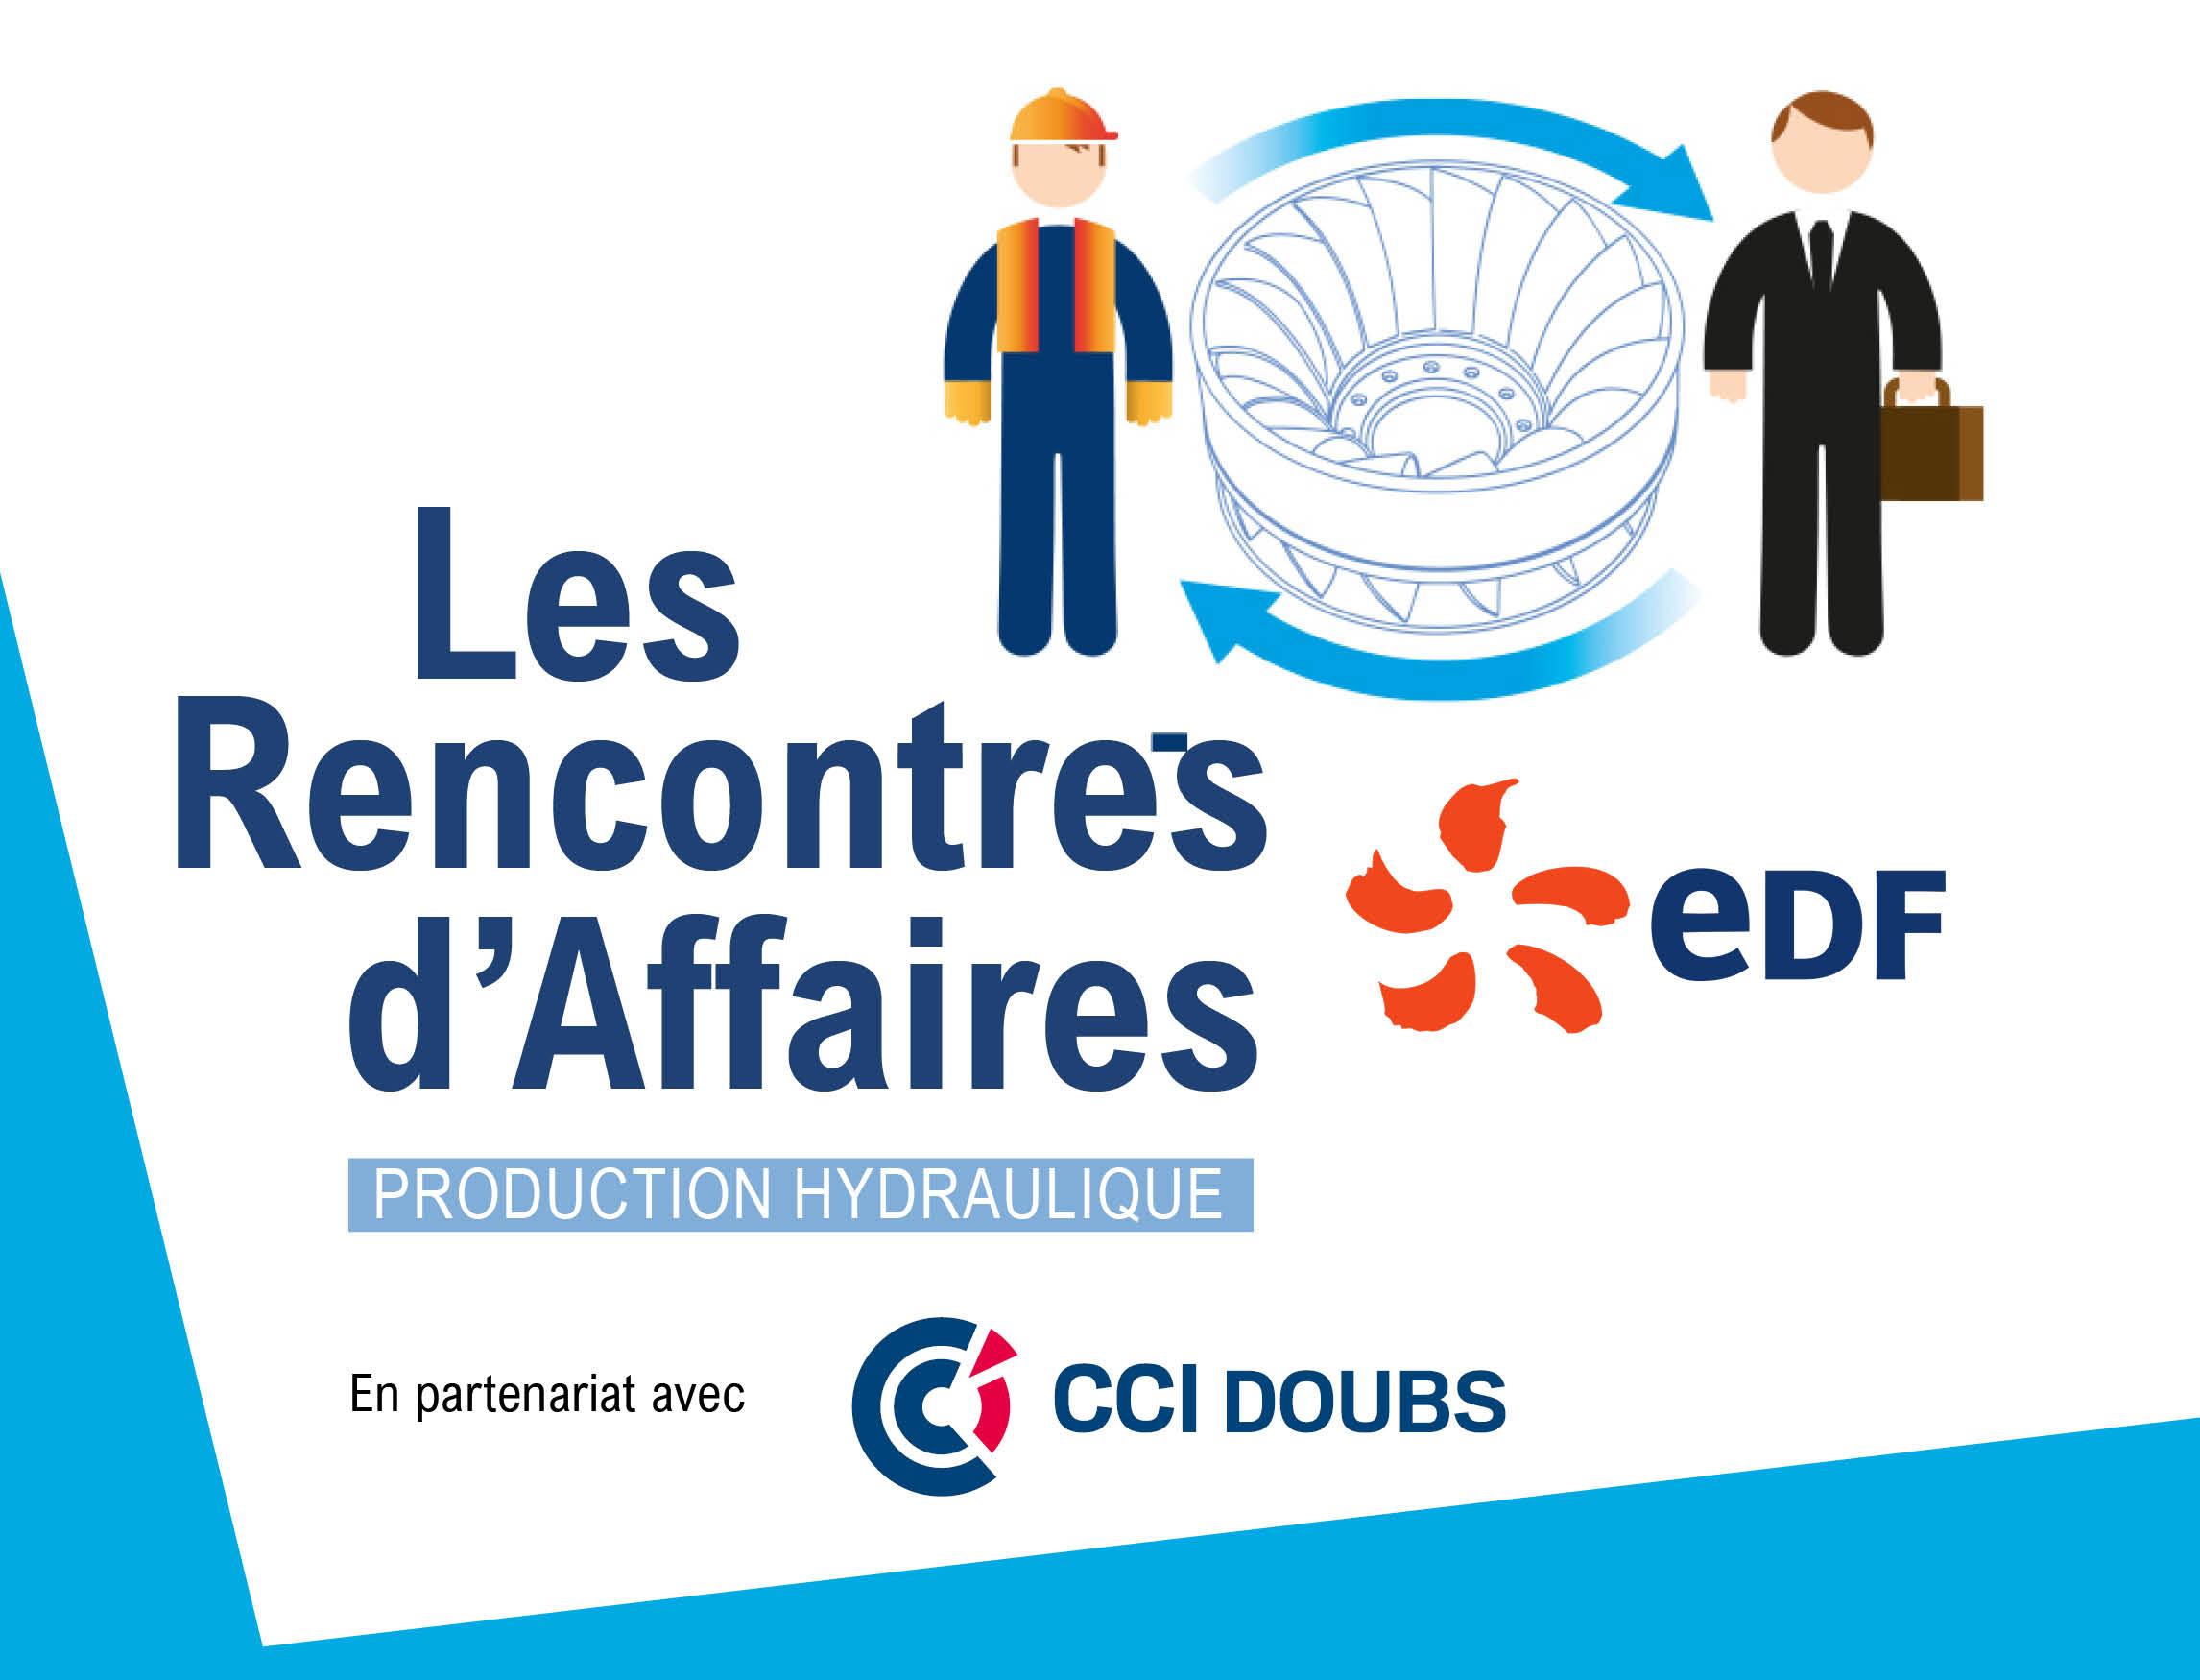 Les rencontres d'affaires EDF - Production Hydraulique  |  en partenariat avec CCI Doubs